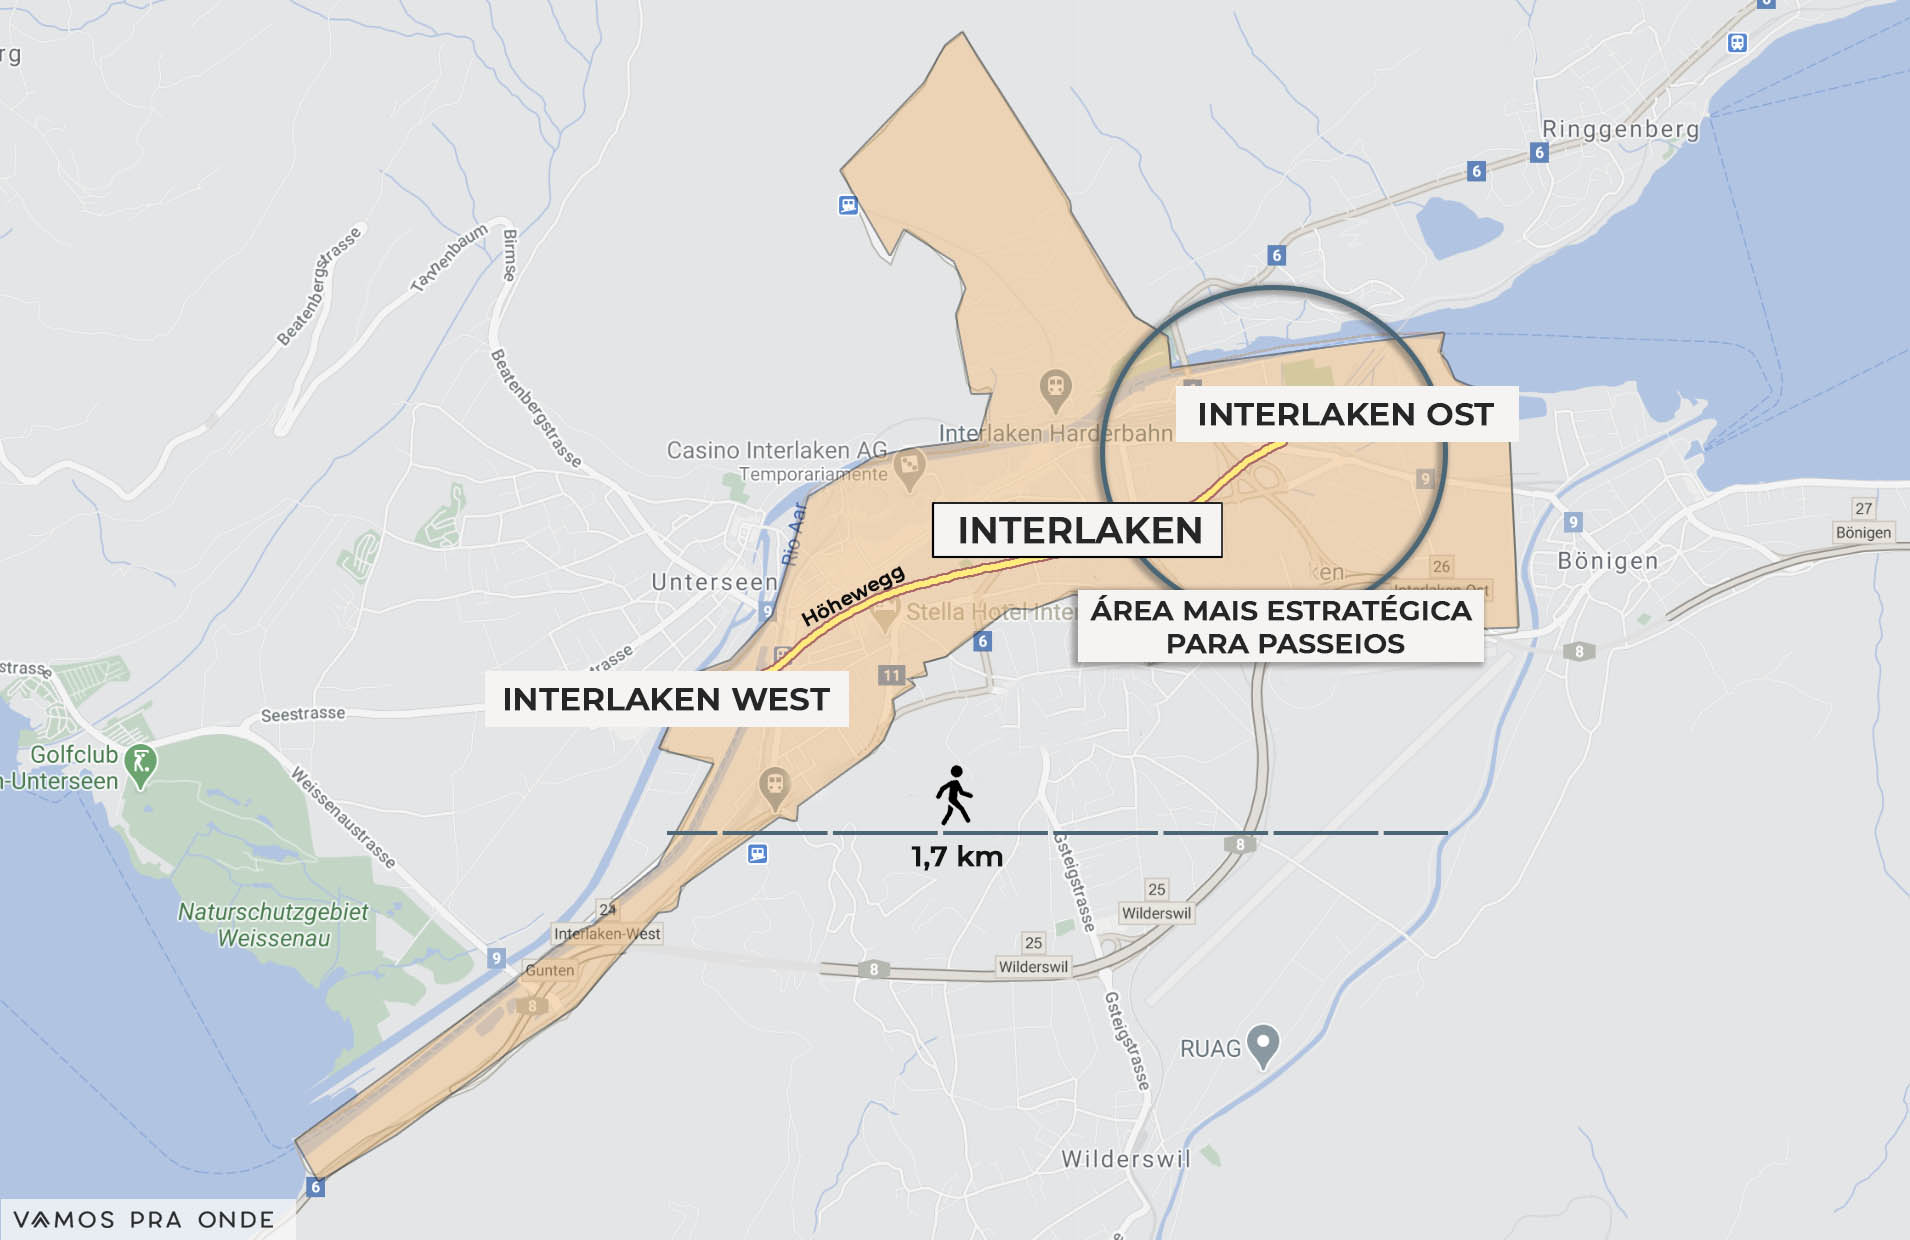 mapa indicando a melhor região para se hospedar em Interlaken